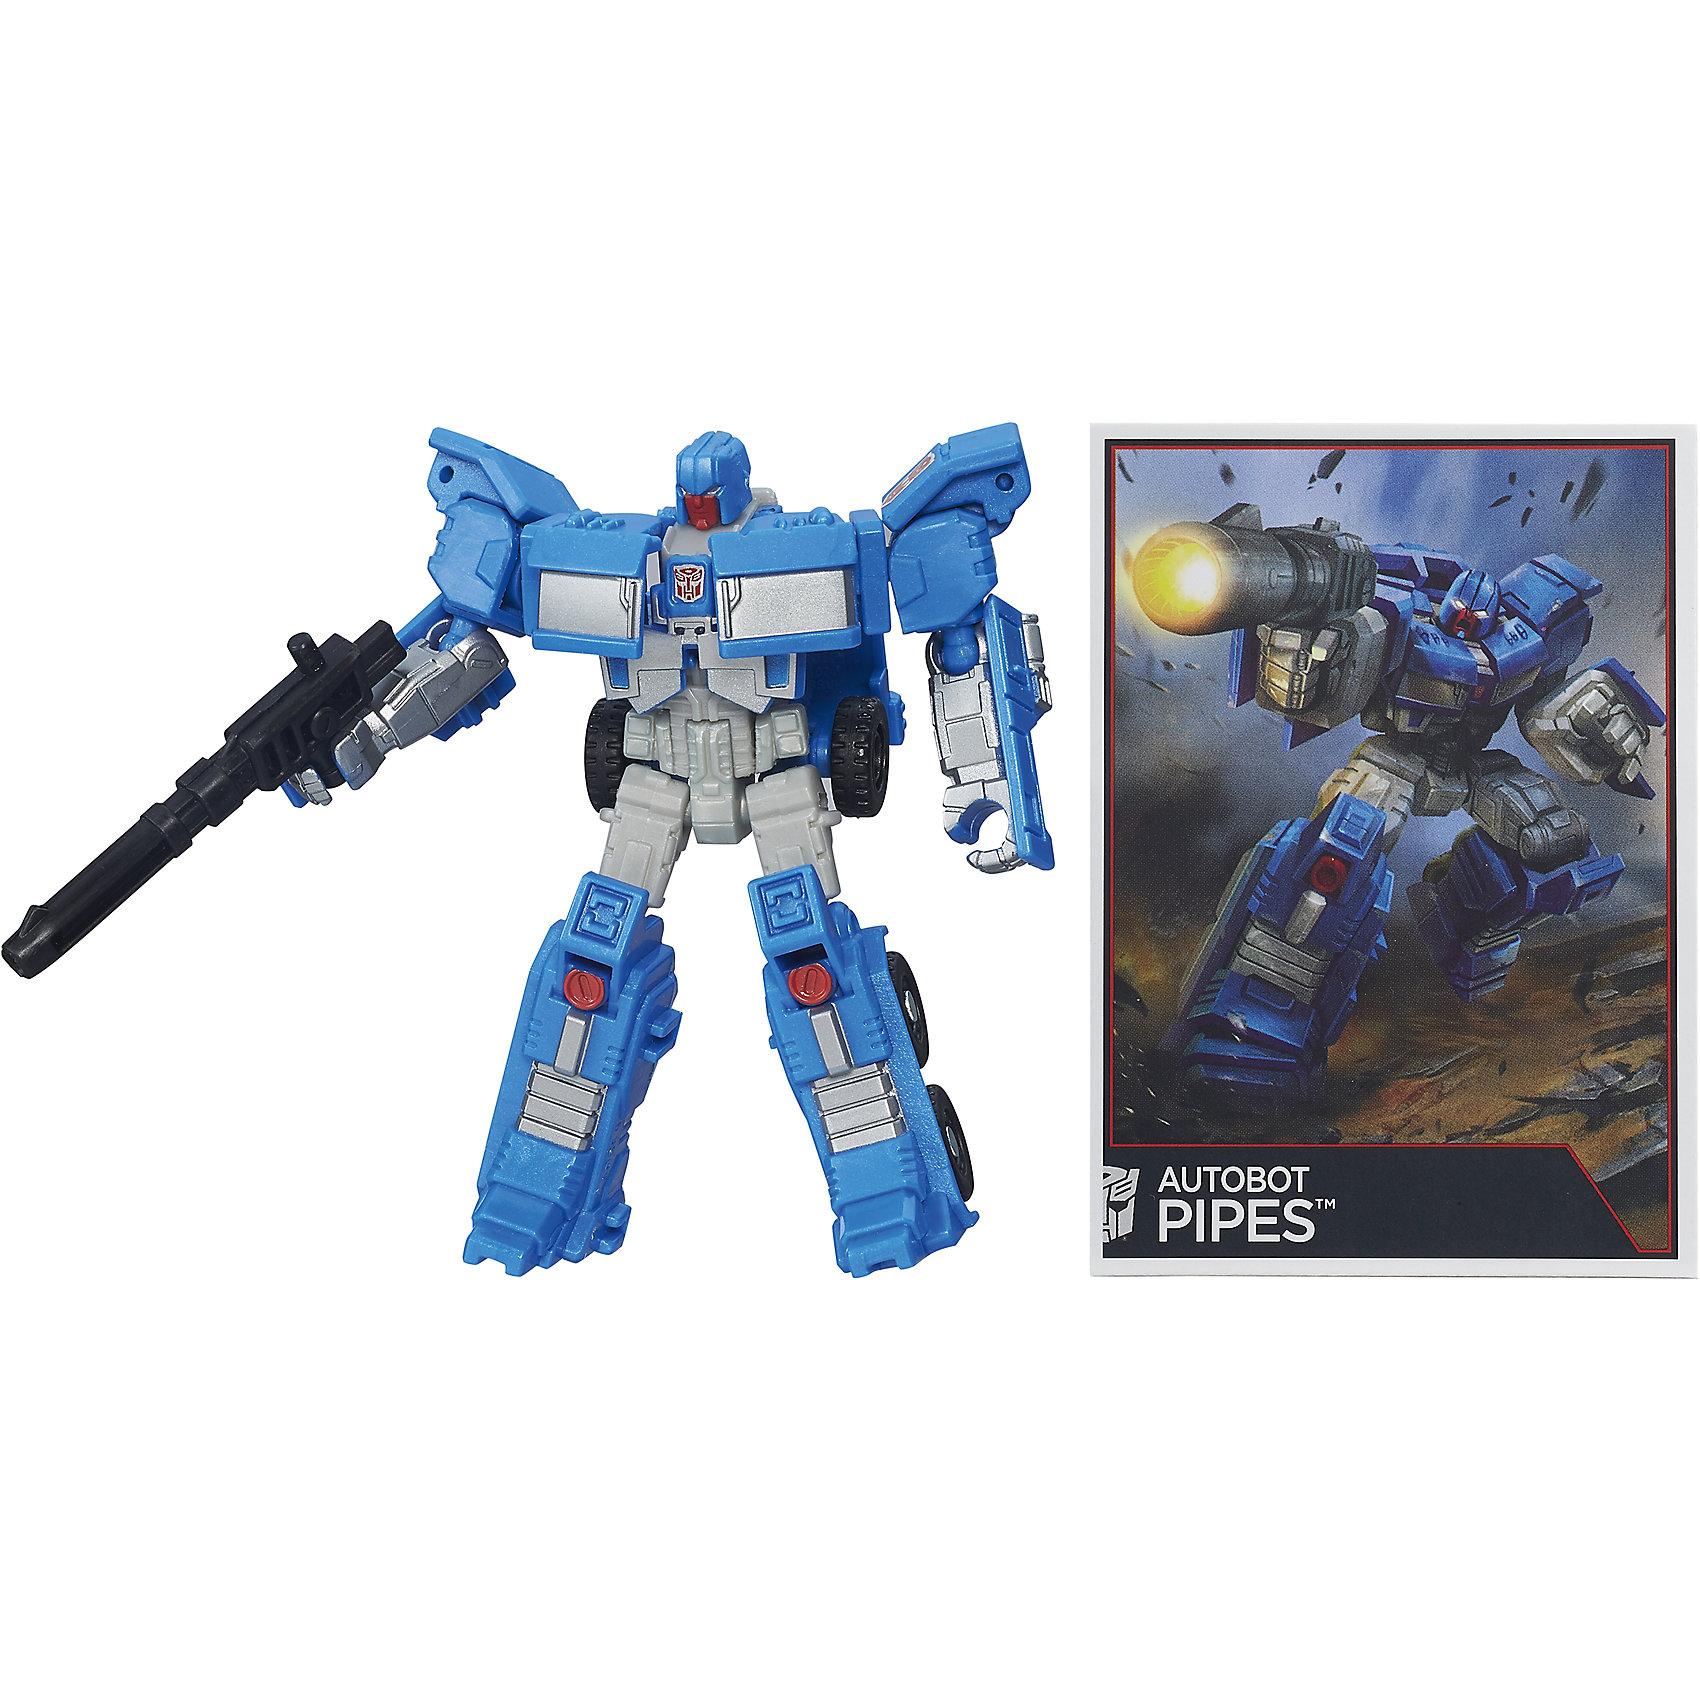 Дженерэйшнс Легенды, Трансформеры, B0971/B4668Игрушки<br>Дженерэйшнс Легенды, Трансформеры (Transformers) - это фигурки любимых персонажей с непростой, но интересной трансформацией. Высокий уровень детализации и увлекательная трансформация в 8 шагов обязательно заинтересуют вашего ребенка. Эта игрушка не только понравится всем мальчишкам, она поможет развить мелкую моторику, внимание и фантазию ребенка. Выполнена из высококачественного прочного пластика, безопасного для детей.  Дополнительная информация:  - Материал: пластик - Размер упаковки: 22.9 х 12.1 х 3.8 см.     Дженерэйшнс Легенды, Трансформеры (Transformers), в ассортименте,  можно купить в нашем магазине.<br><br>Ширина мм: 234<br>Глубина мм: 123<br>Высота мм: 43<br>Вес г: 69<br>Возраст от месяцев: 60<br>Возраст до месяцев: 120<br>Пол: Мужской<br>Возраст: Детский<br>SKU: 4829661